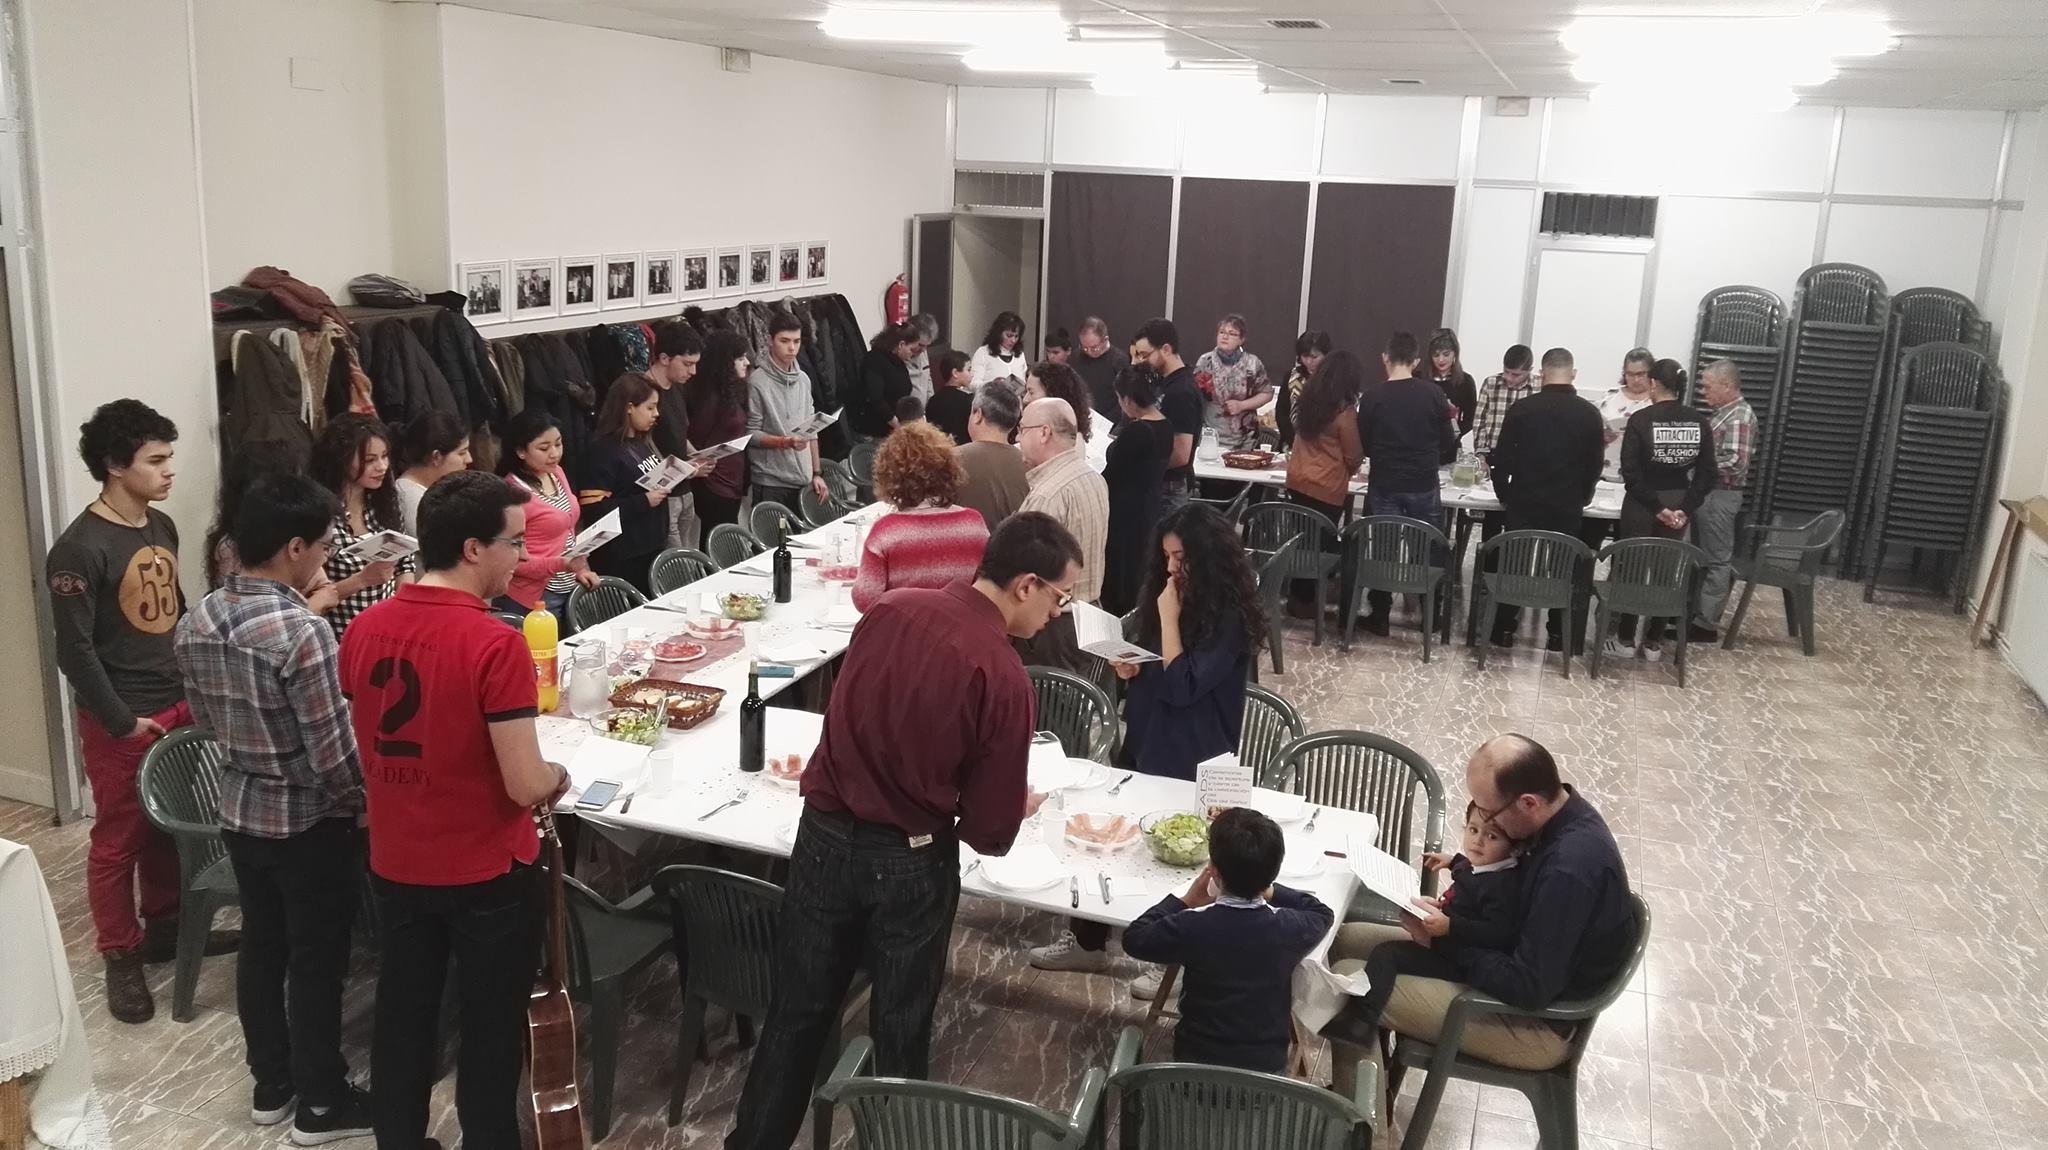 2017.02.04 - CASD FGNV con Sector Familias (5).jpg